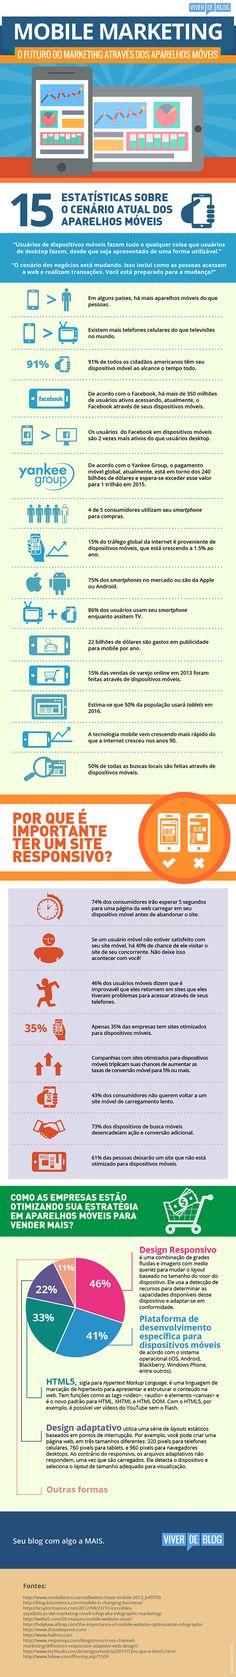 Mobile Marketing: O futuro do marketing através dos aparelhos móveis.